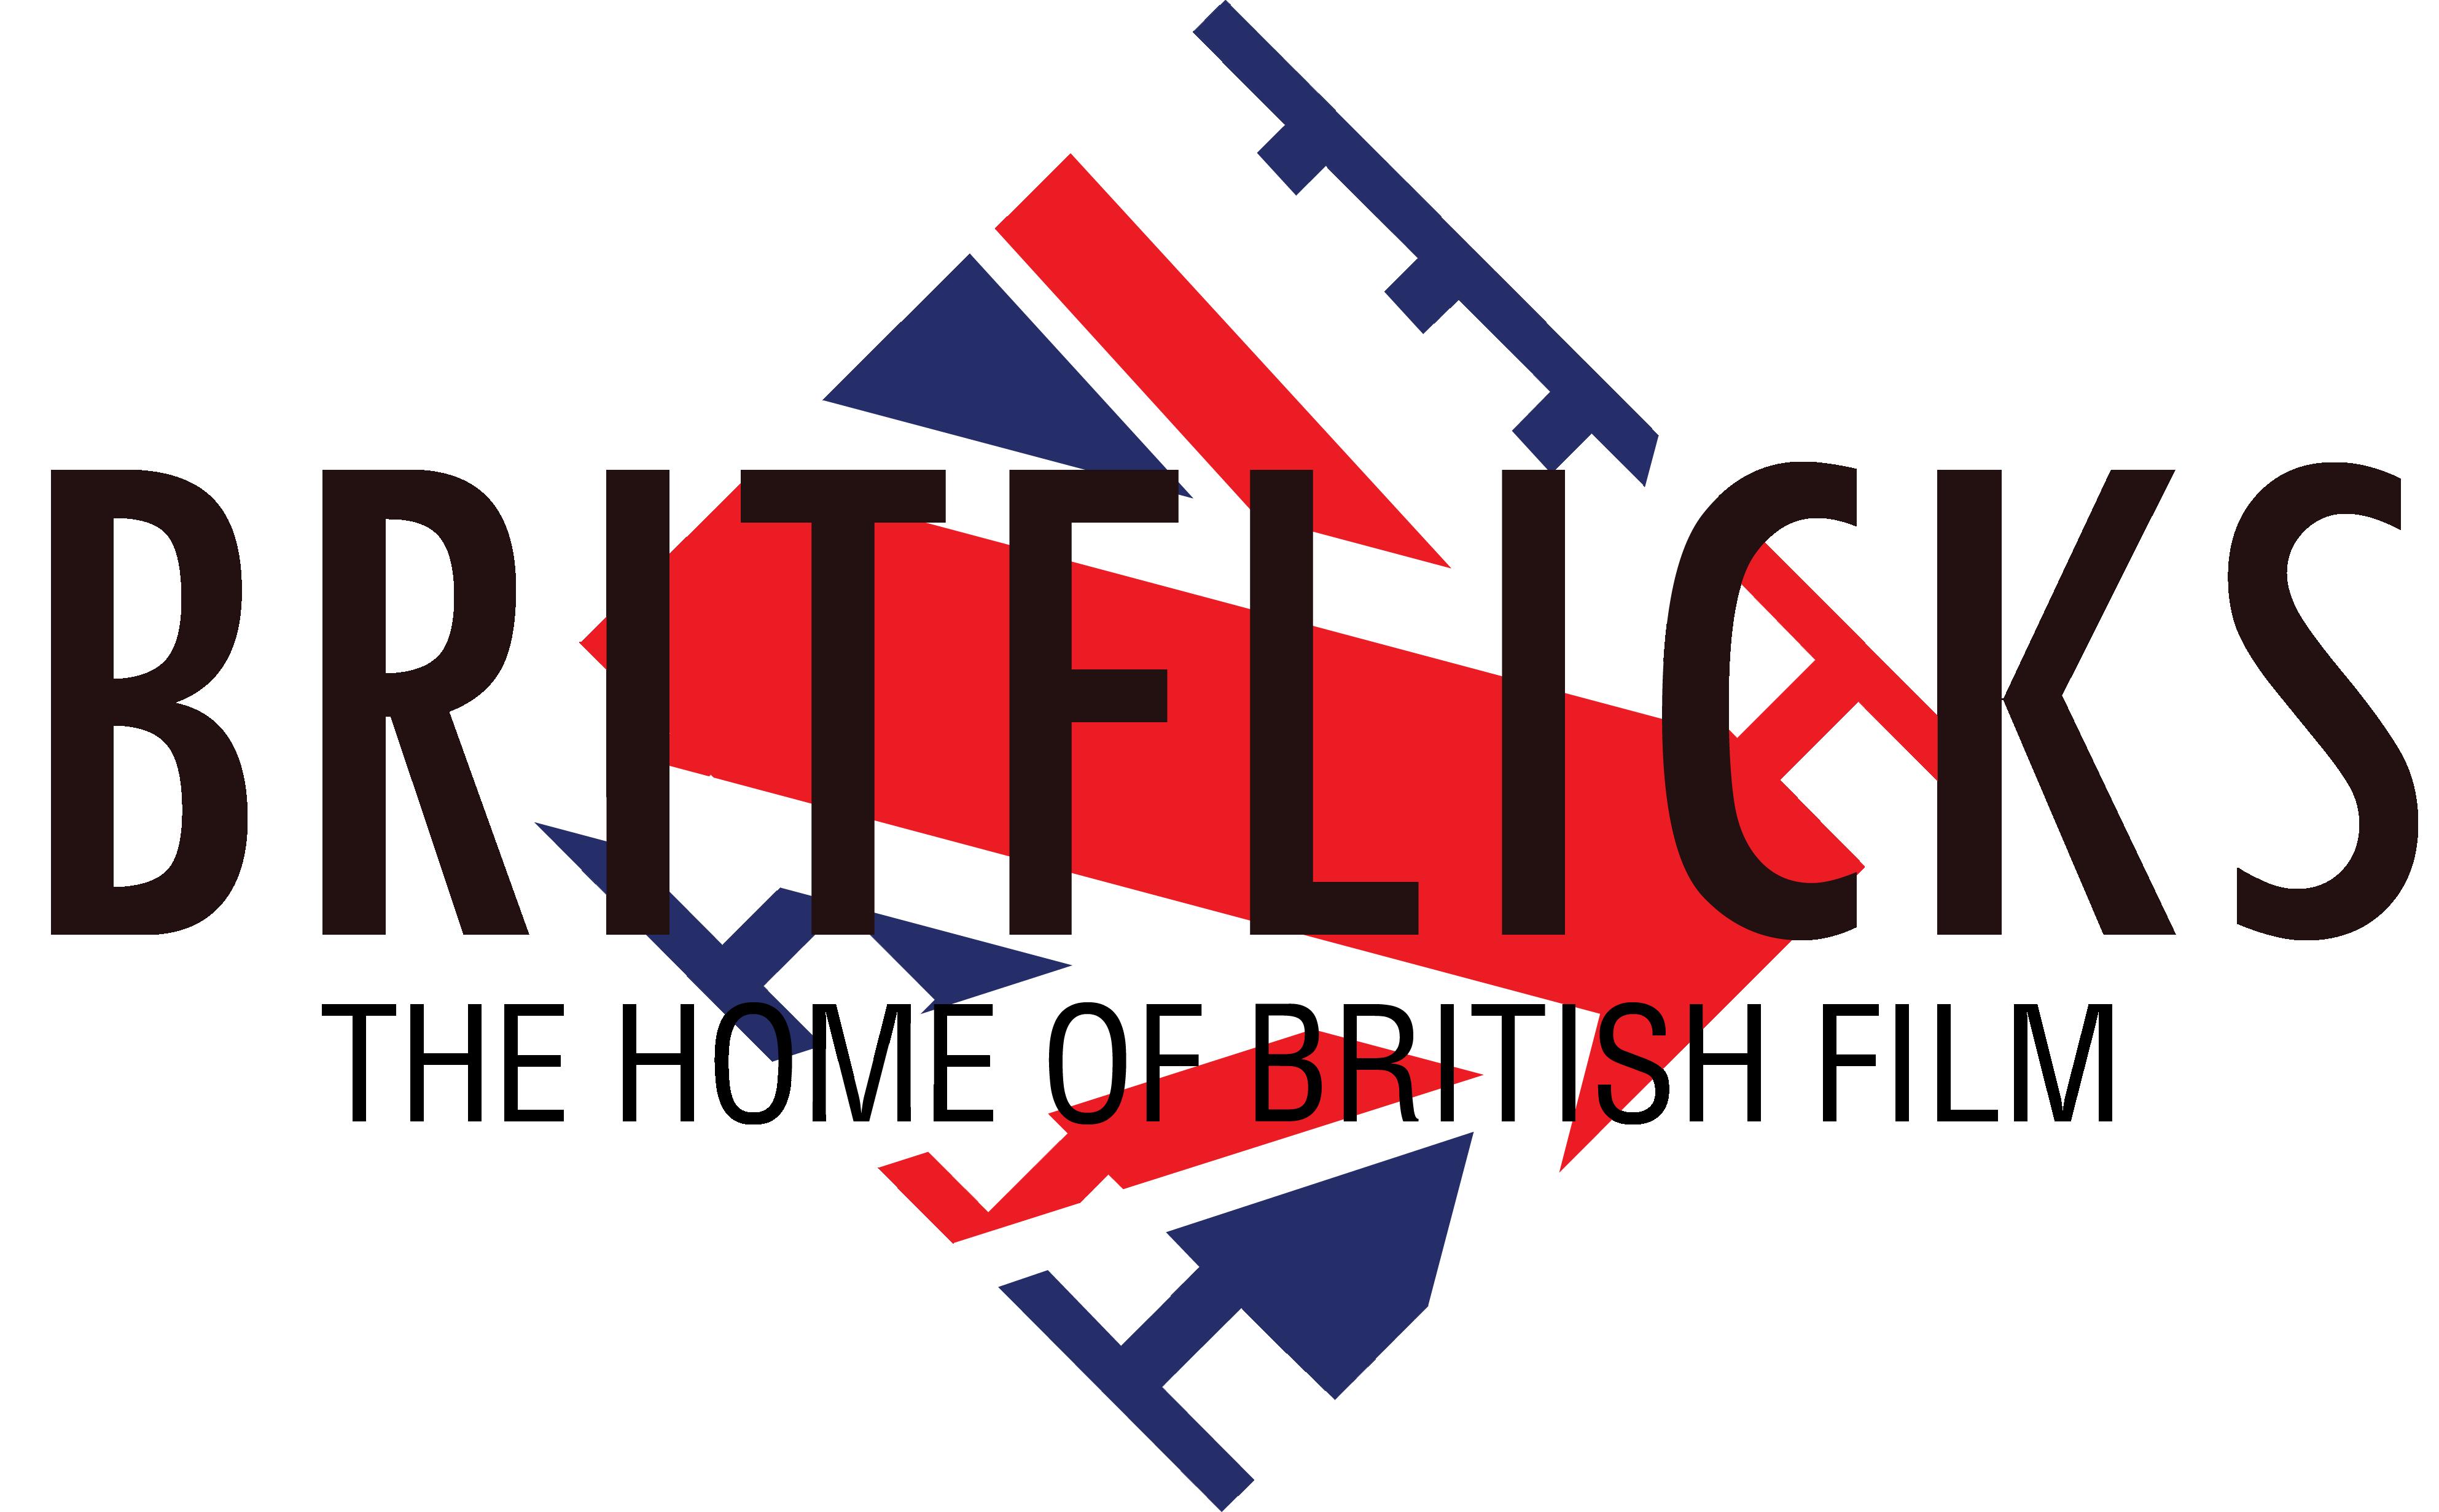 britflicks-logo-new